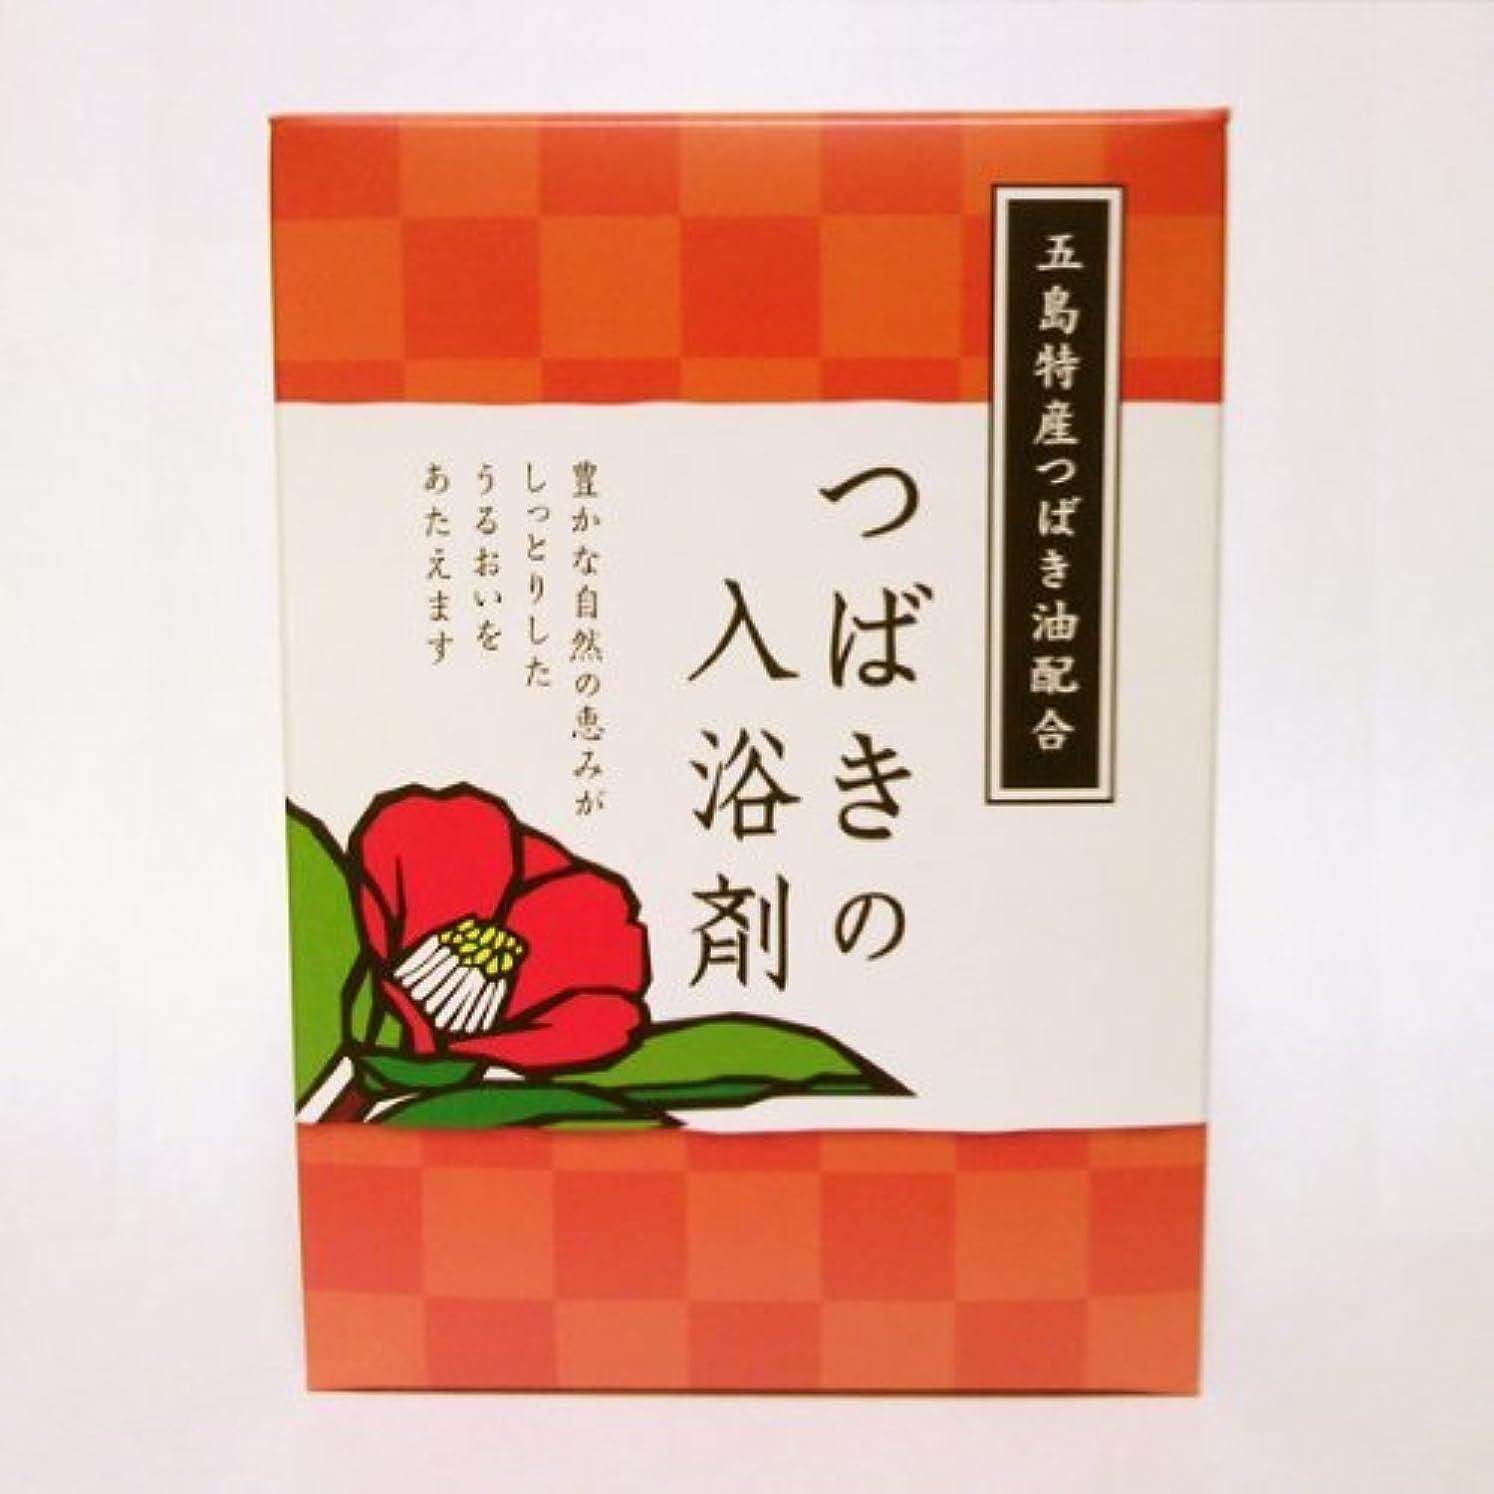 精査する区ハドル五島特産純粋 つばきの入浴剤 新上五島町振興公社